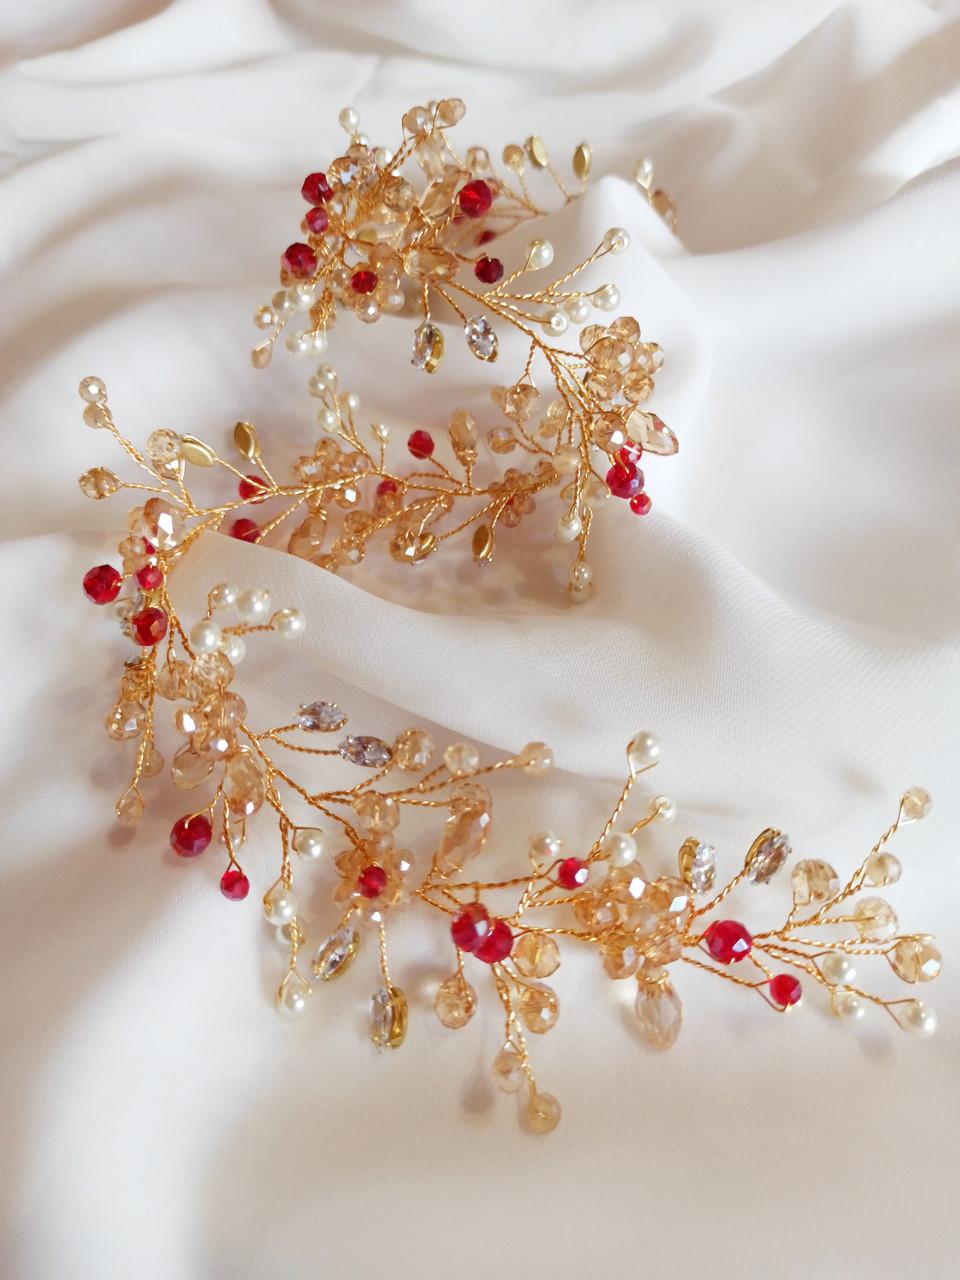 Свадебное украшения, веточка в прическу невесты золотого цвета, ювелирная проволока